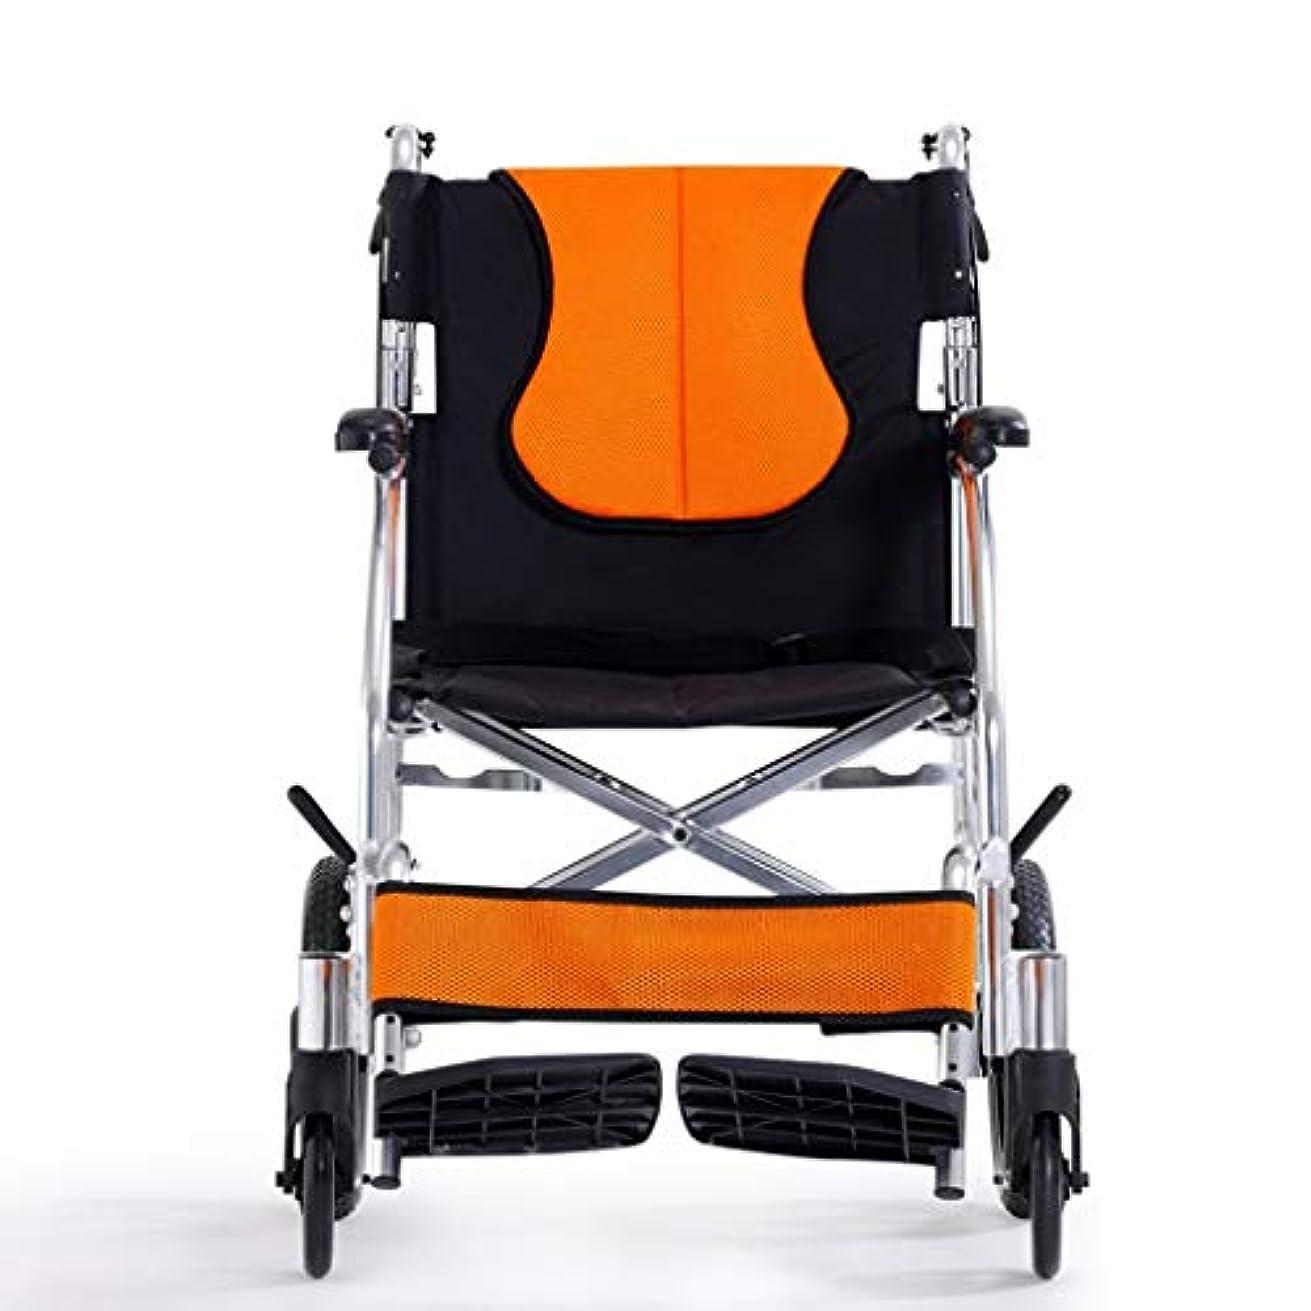 バタフライ熟すコイン車椅子調節可能、アルミ合金折りたたみ軽量トロリー、高齢者用手動車椅子無効トロリー